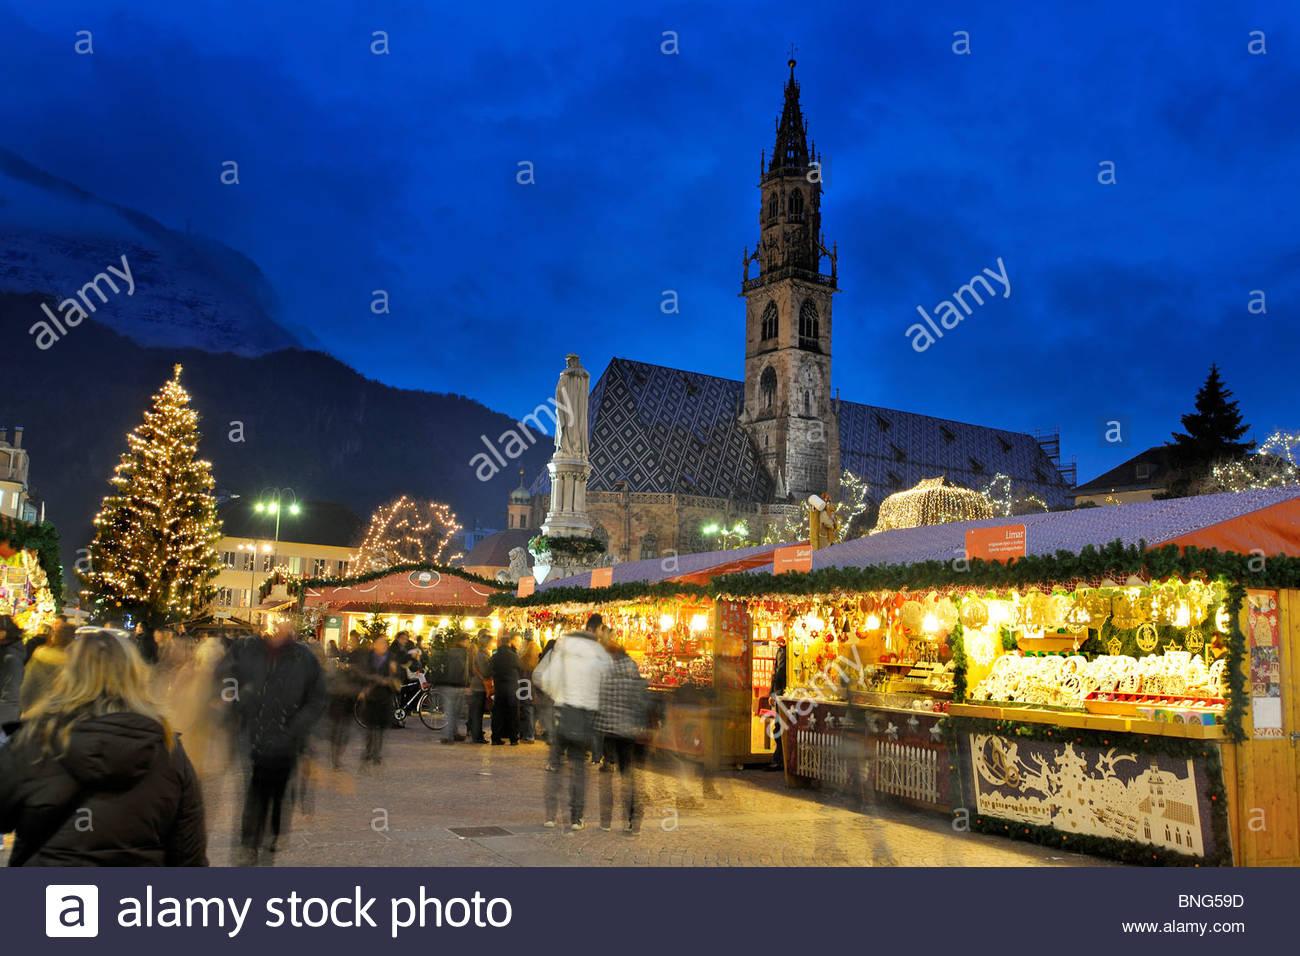 Mercado de Navidad,la Piazza Walther, Bolzano, Trentino Alto Adige, Italia Imagen De Stock